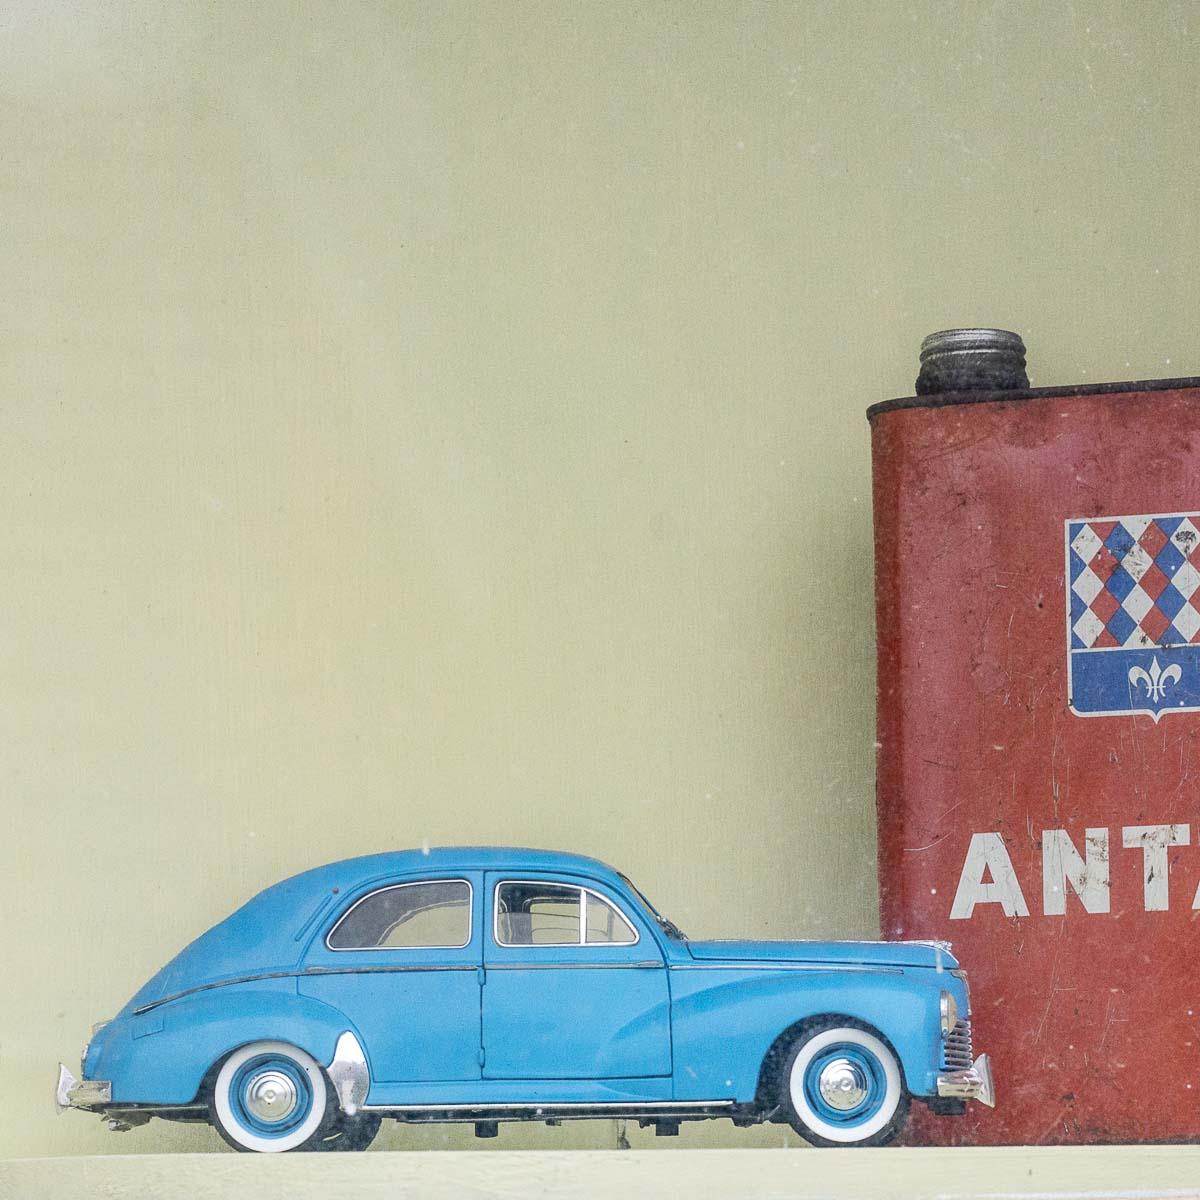 Détail dans une vitrine d'un ancien garage mécanique automobile voiture miniature ancien de collection bidon d'huile de marque Antar à Ouzouer-le-Doyen